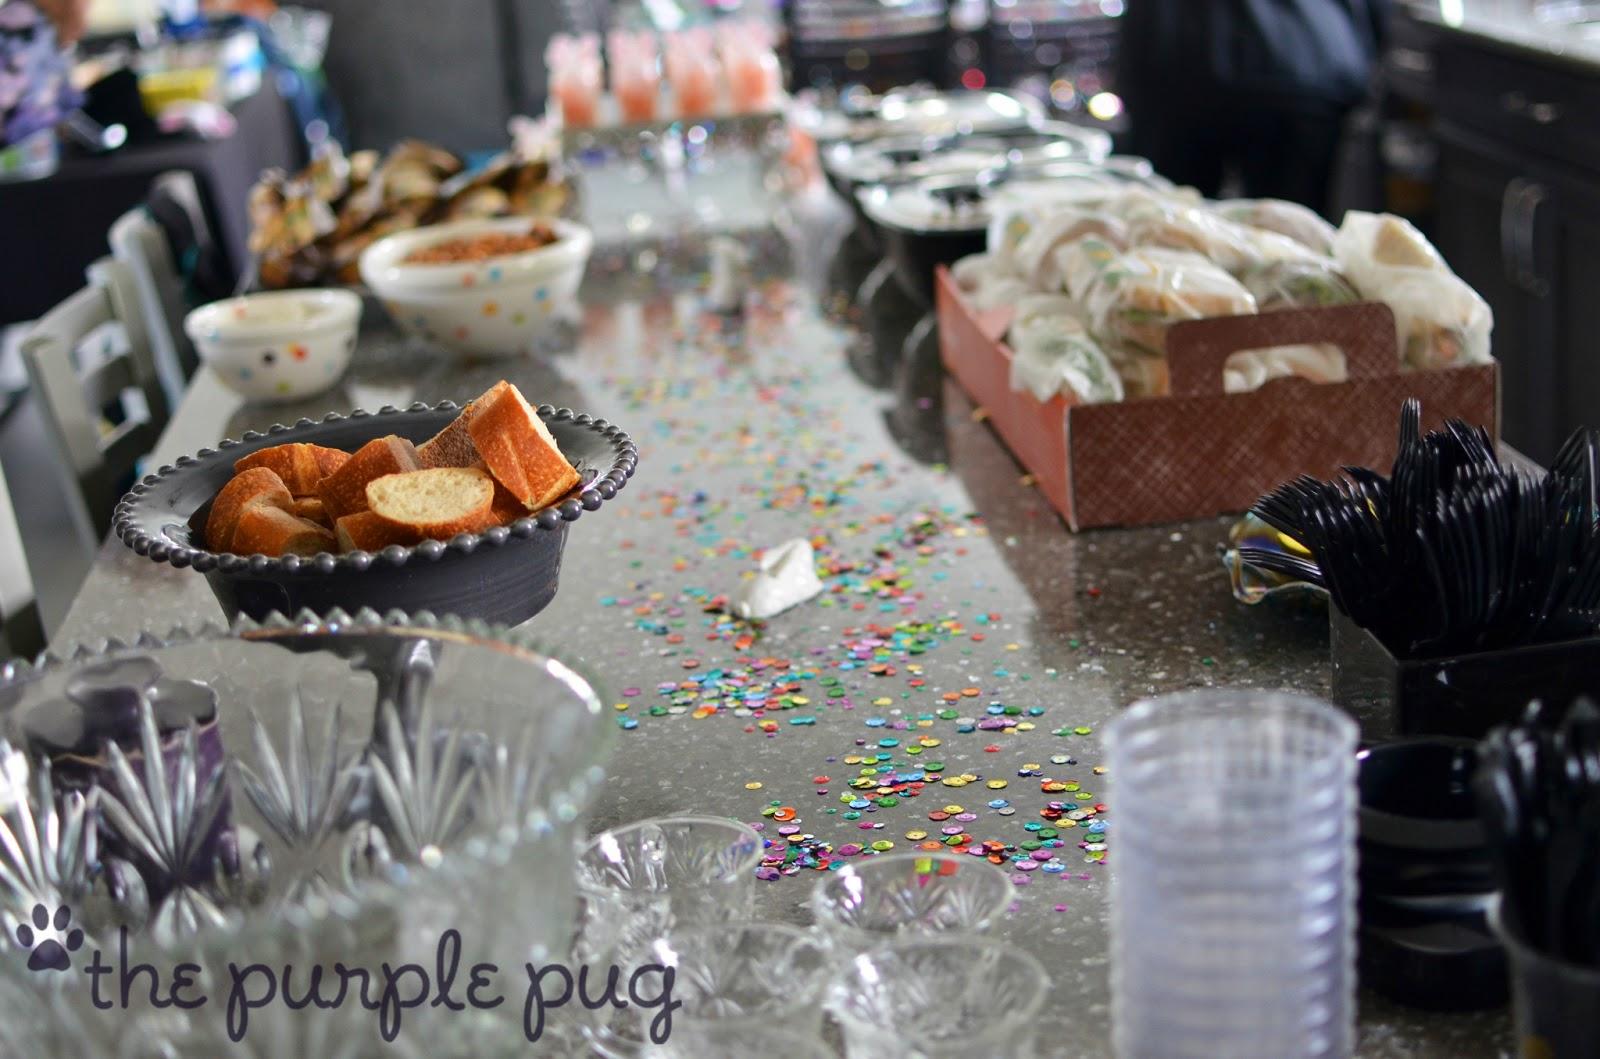 The Purple Pug: The Great Gavini's Magic Show - photo#19